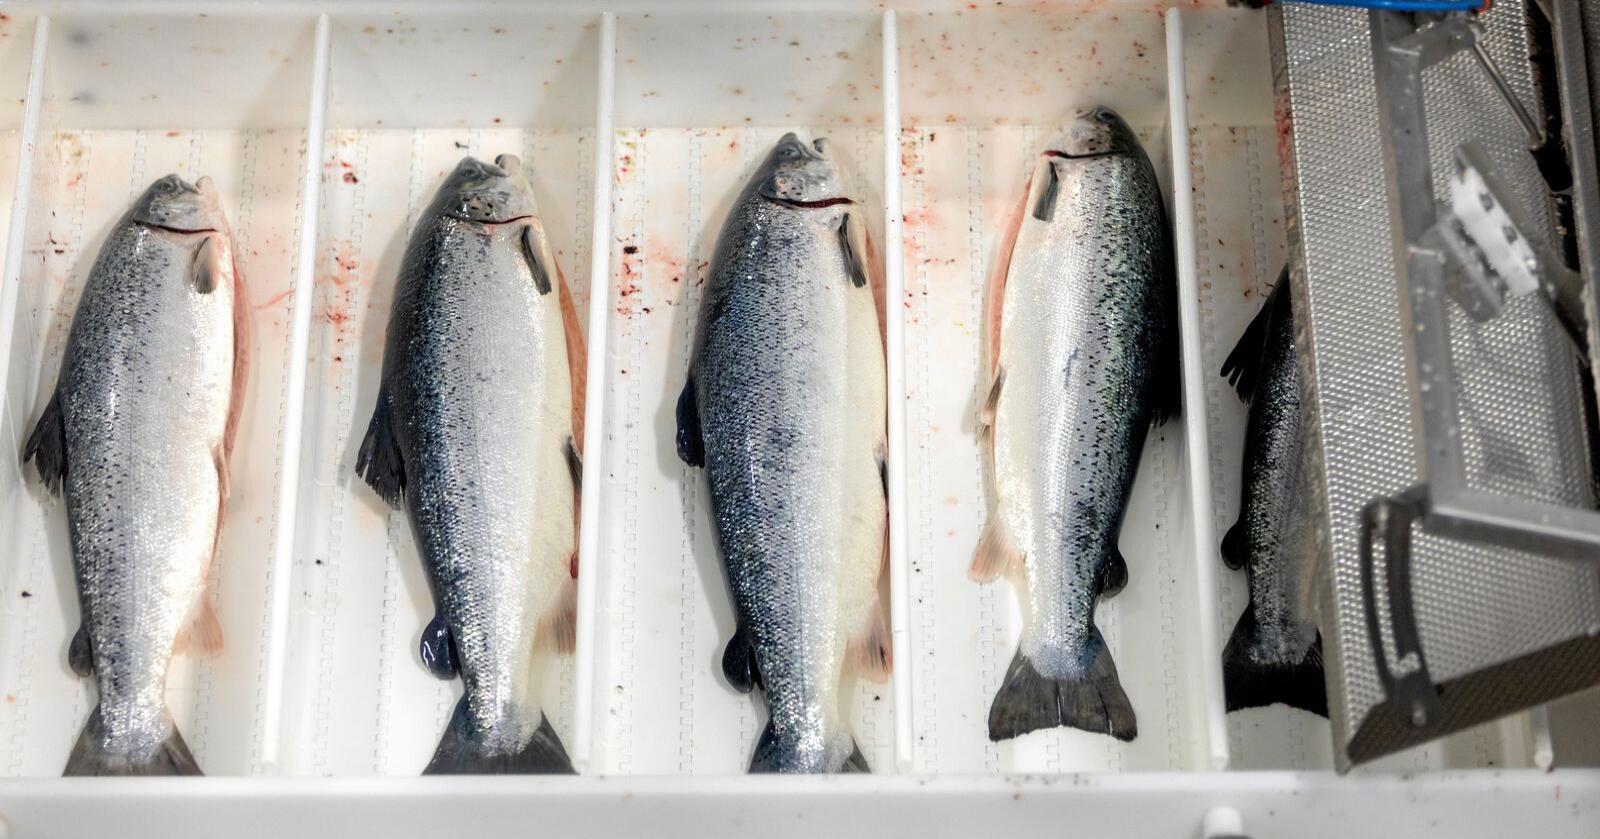 Bedrifter som driver innen mat- og sjømatindustri må være spesielt oppmerksomme når britene går ut av EU. Foto: Gorm Kallestad / NTB scanpix